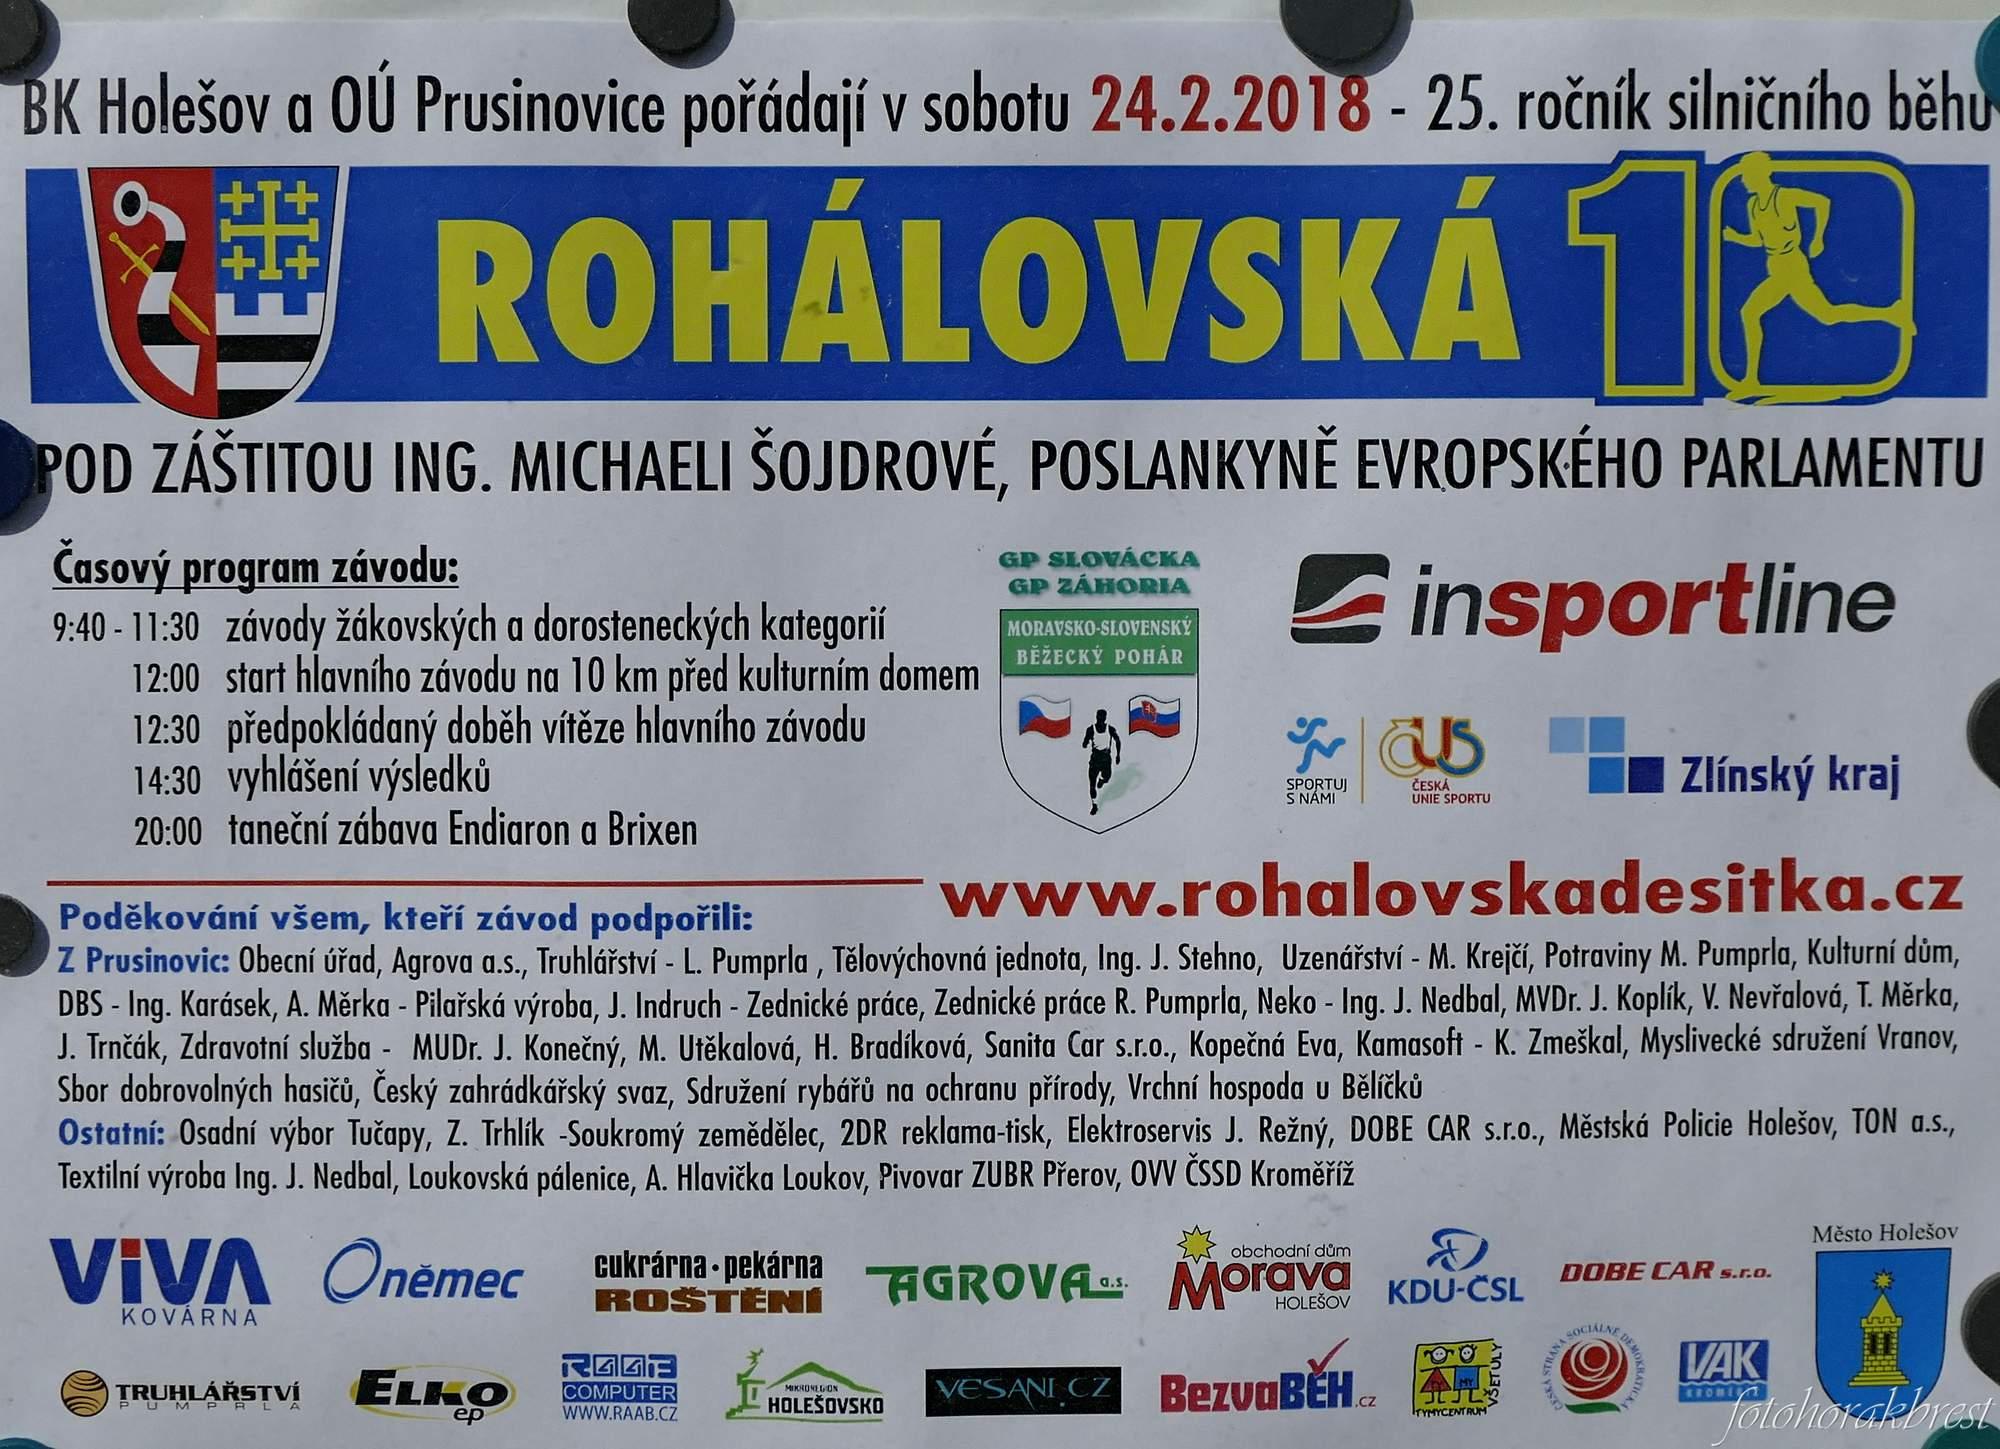 e630cafd90d ROHÁLOVSKÁ DESÍTKA-Prusinovice - 2018 – Jiří Horák – album na Rajčeti